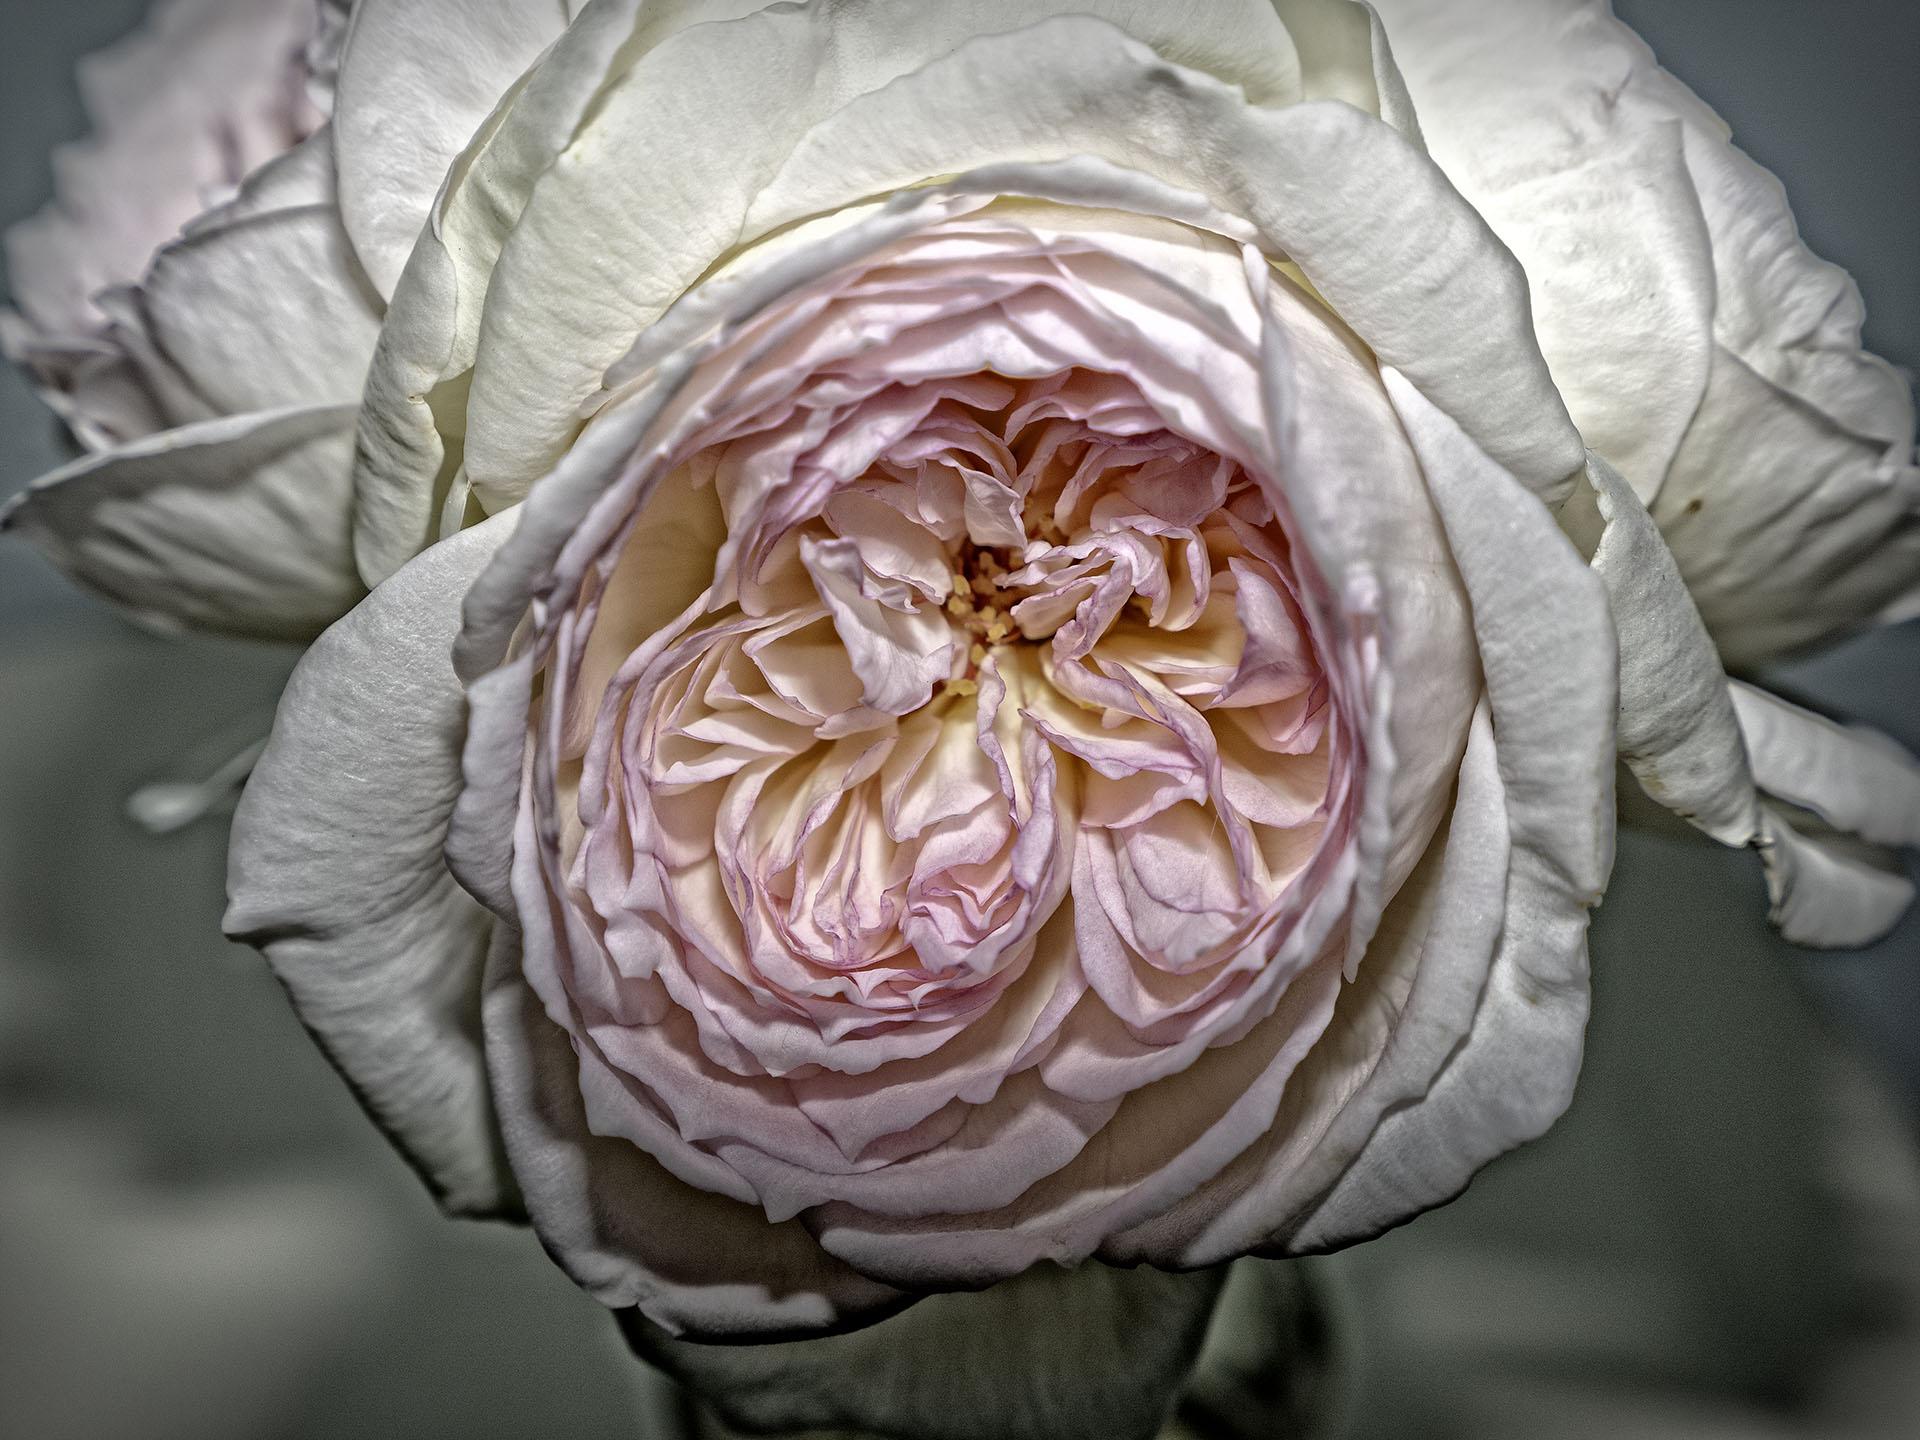 rosetexture